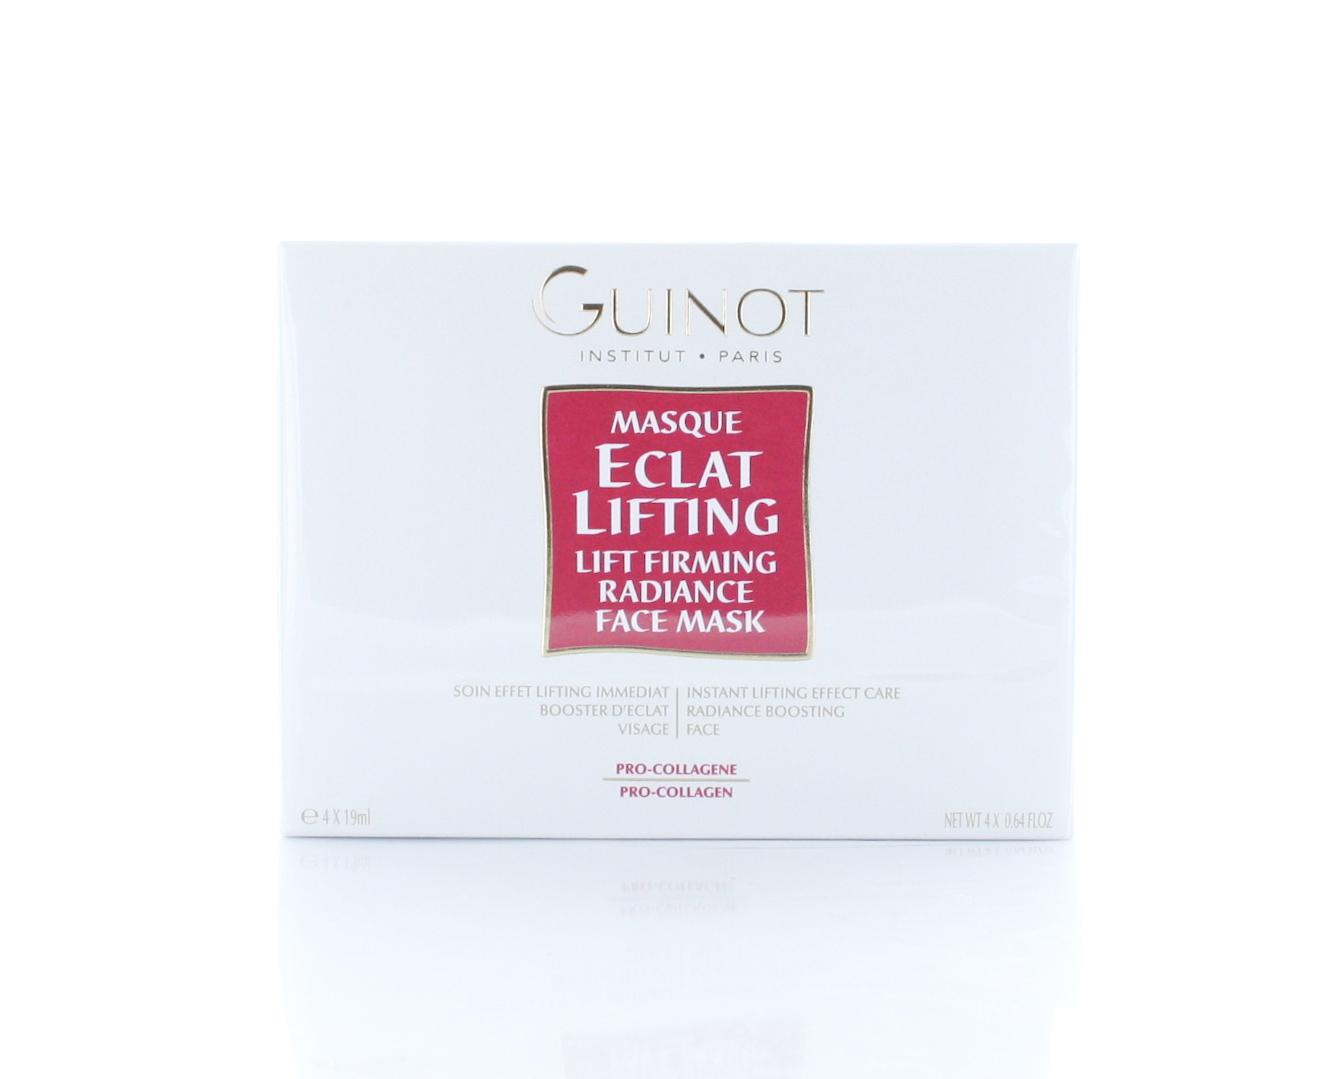 Guinot Lift Firming Radiance Mask - 1 Sachet